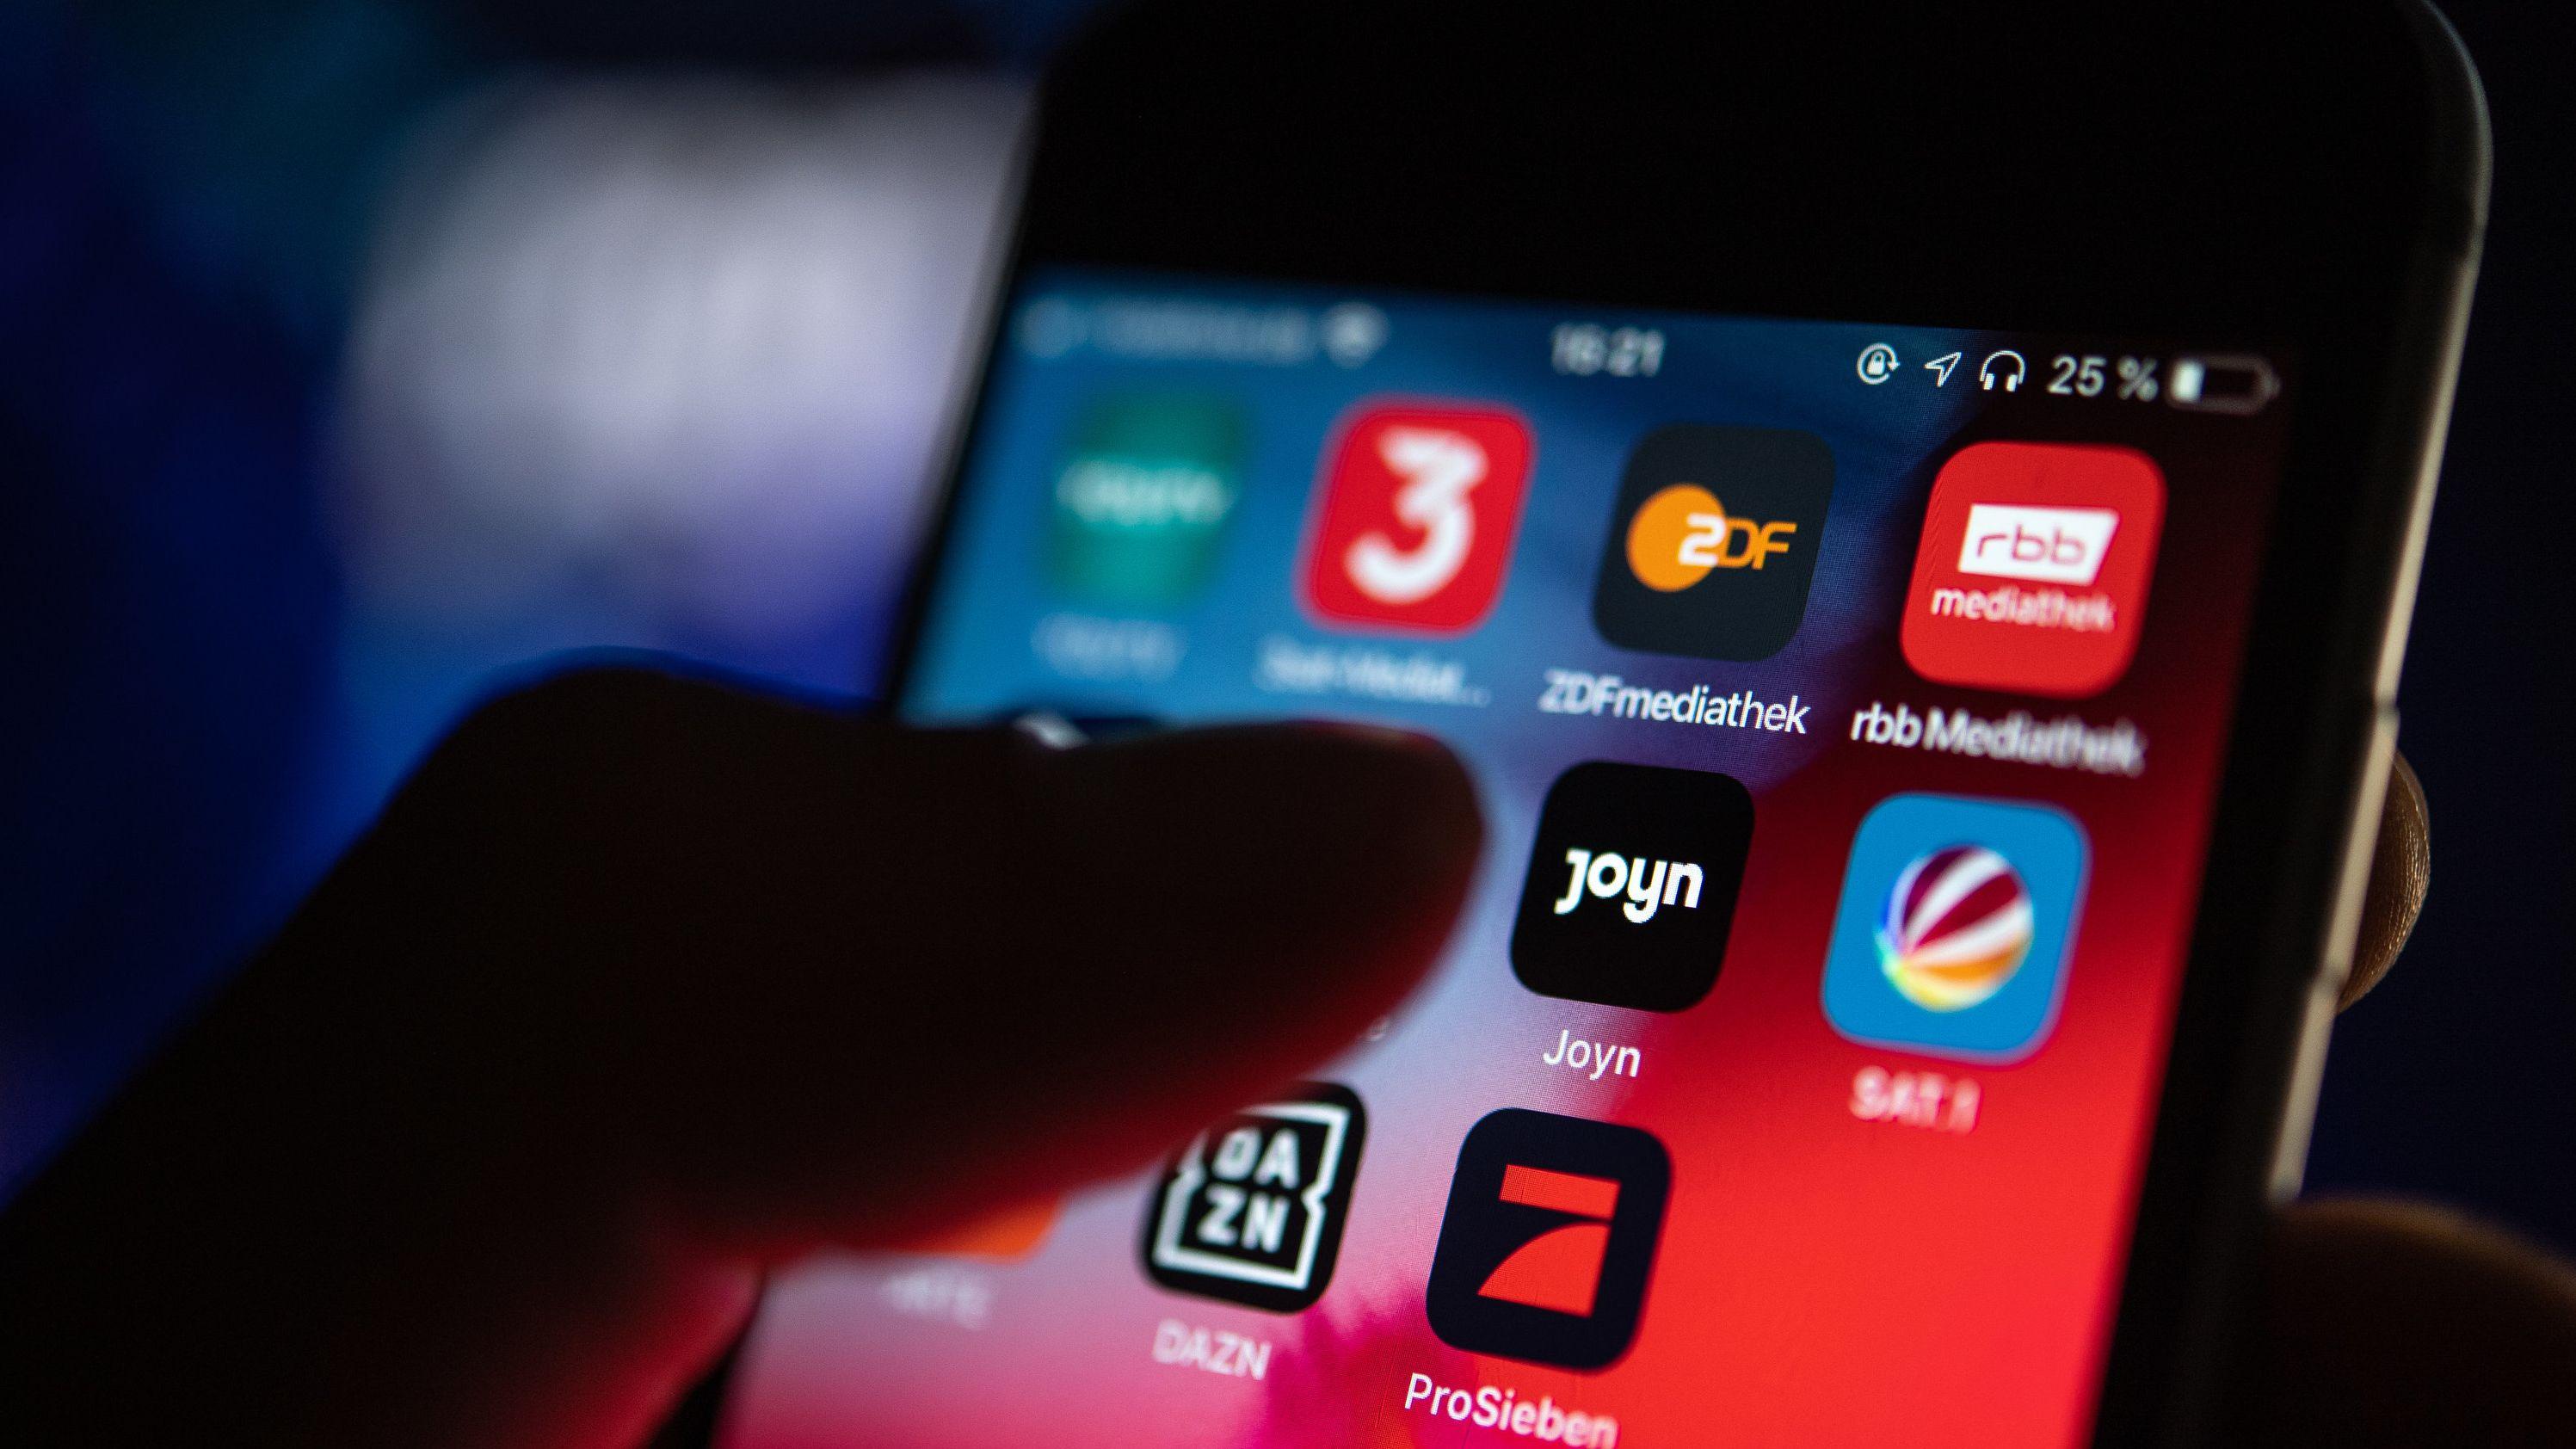 Auf dem Bildschirm eines iPhones wird die App der Streaming-Plattform Joyn angezeigt. Damit sollen 55 TV-Sender in einer App nutzbar sein.